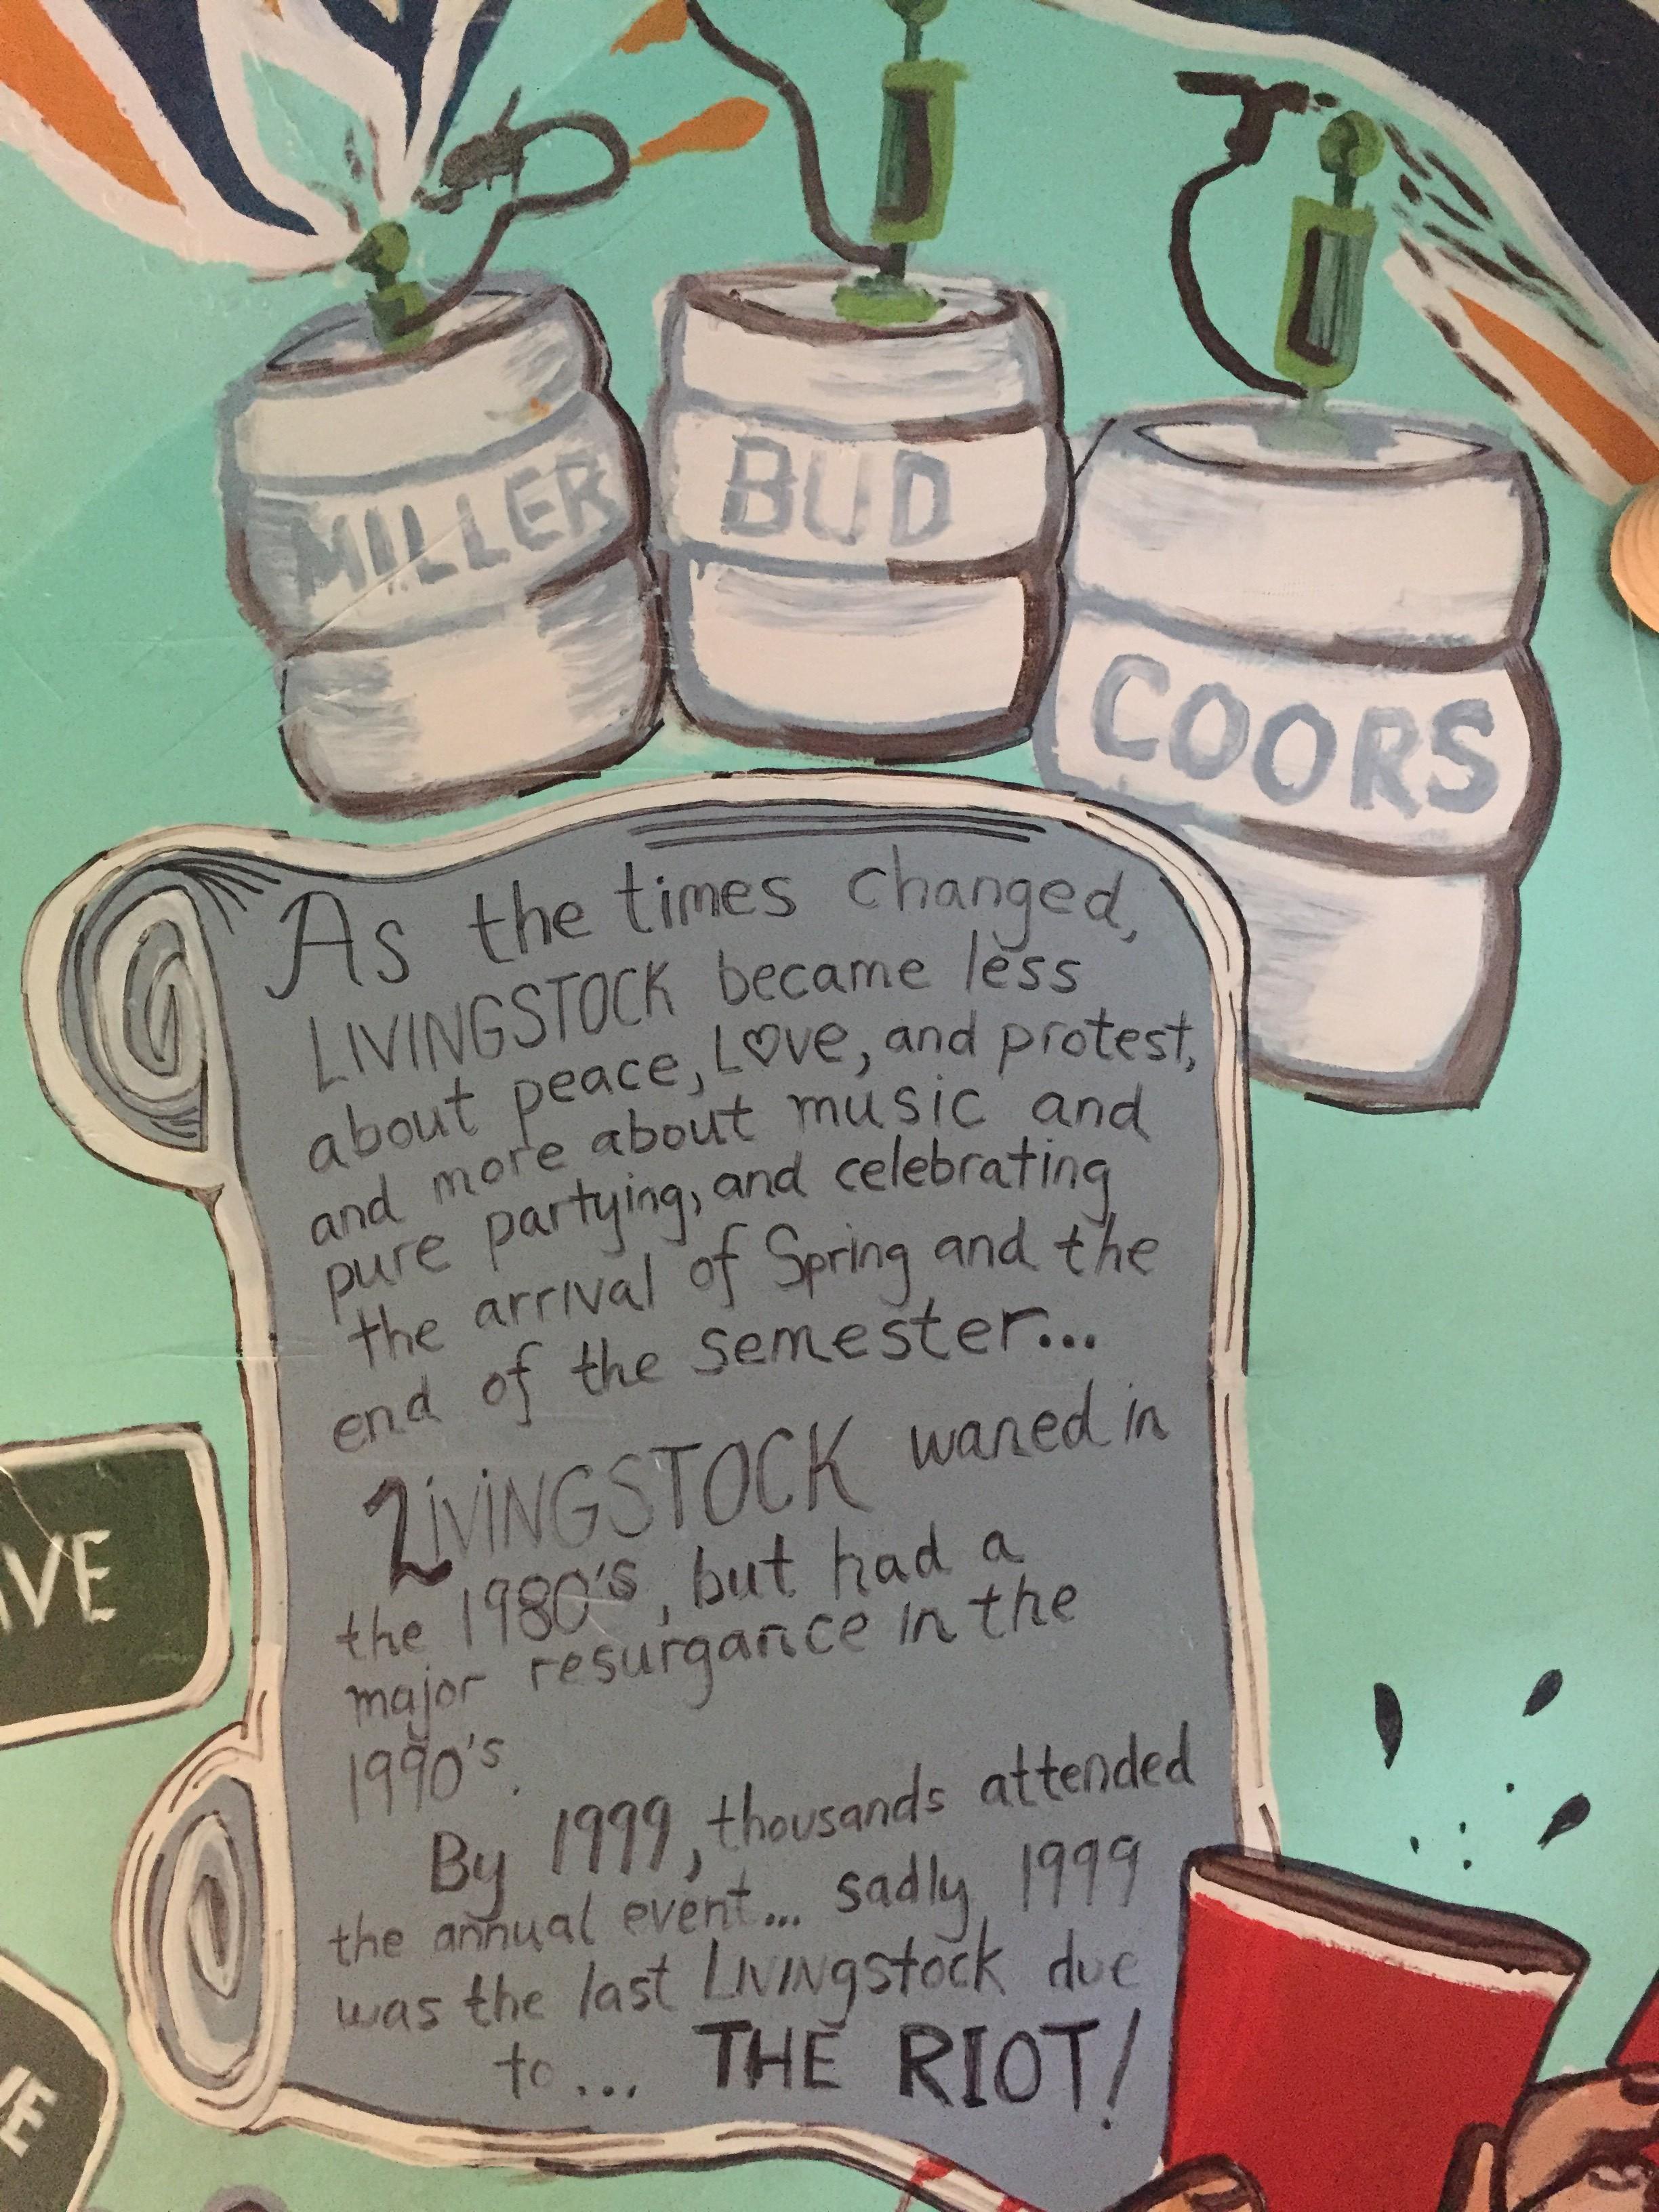 The Livingstock mural at 701 Livingston